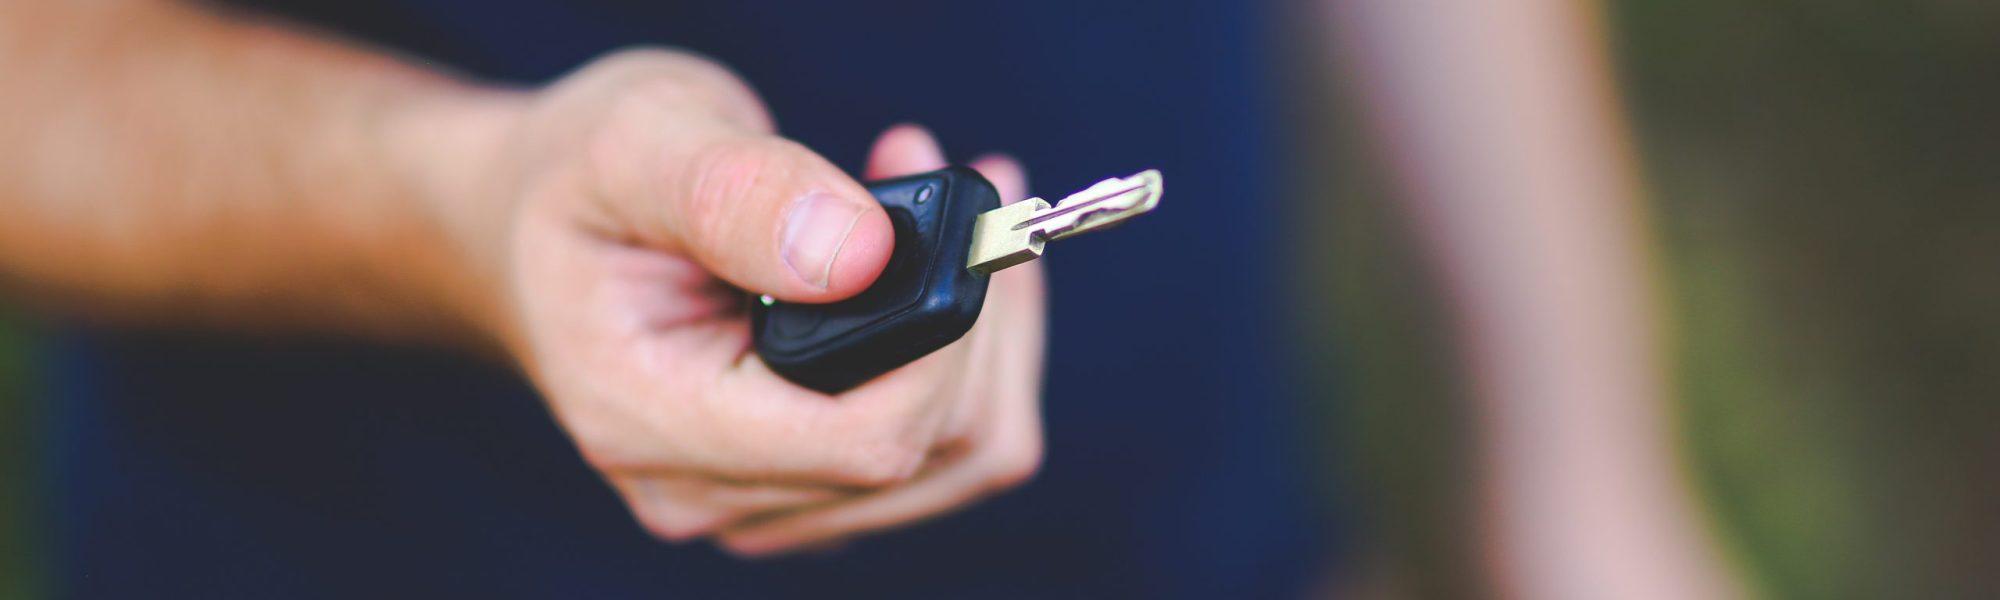 dorobiony klucz